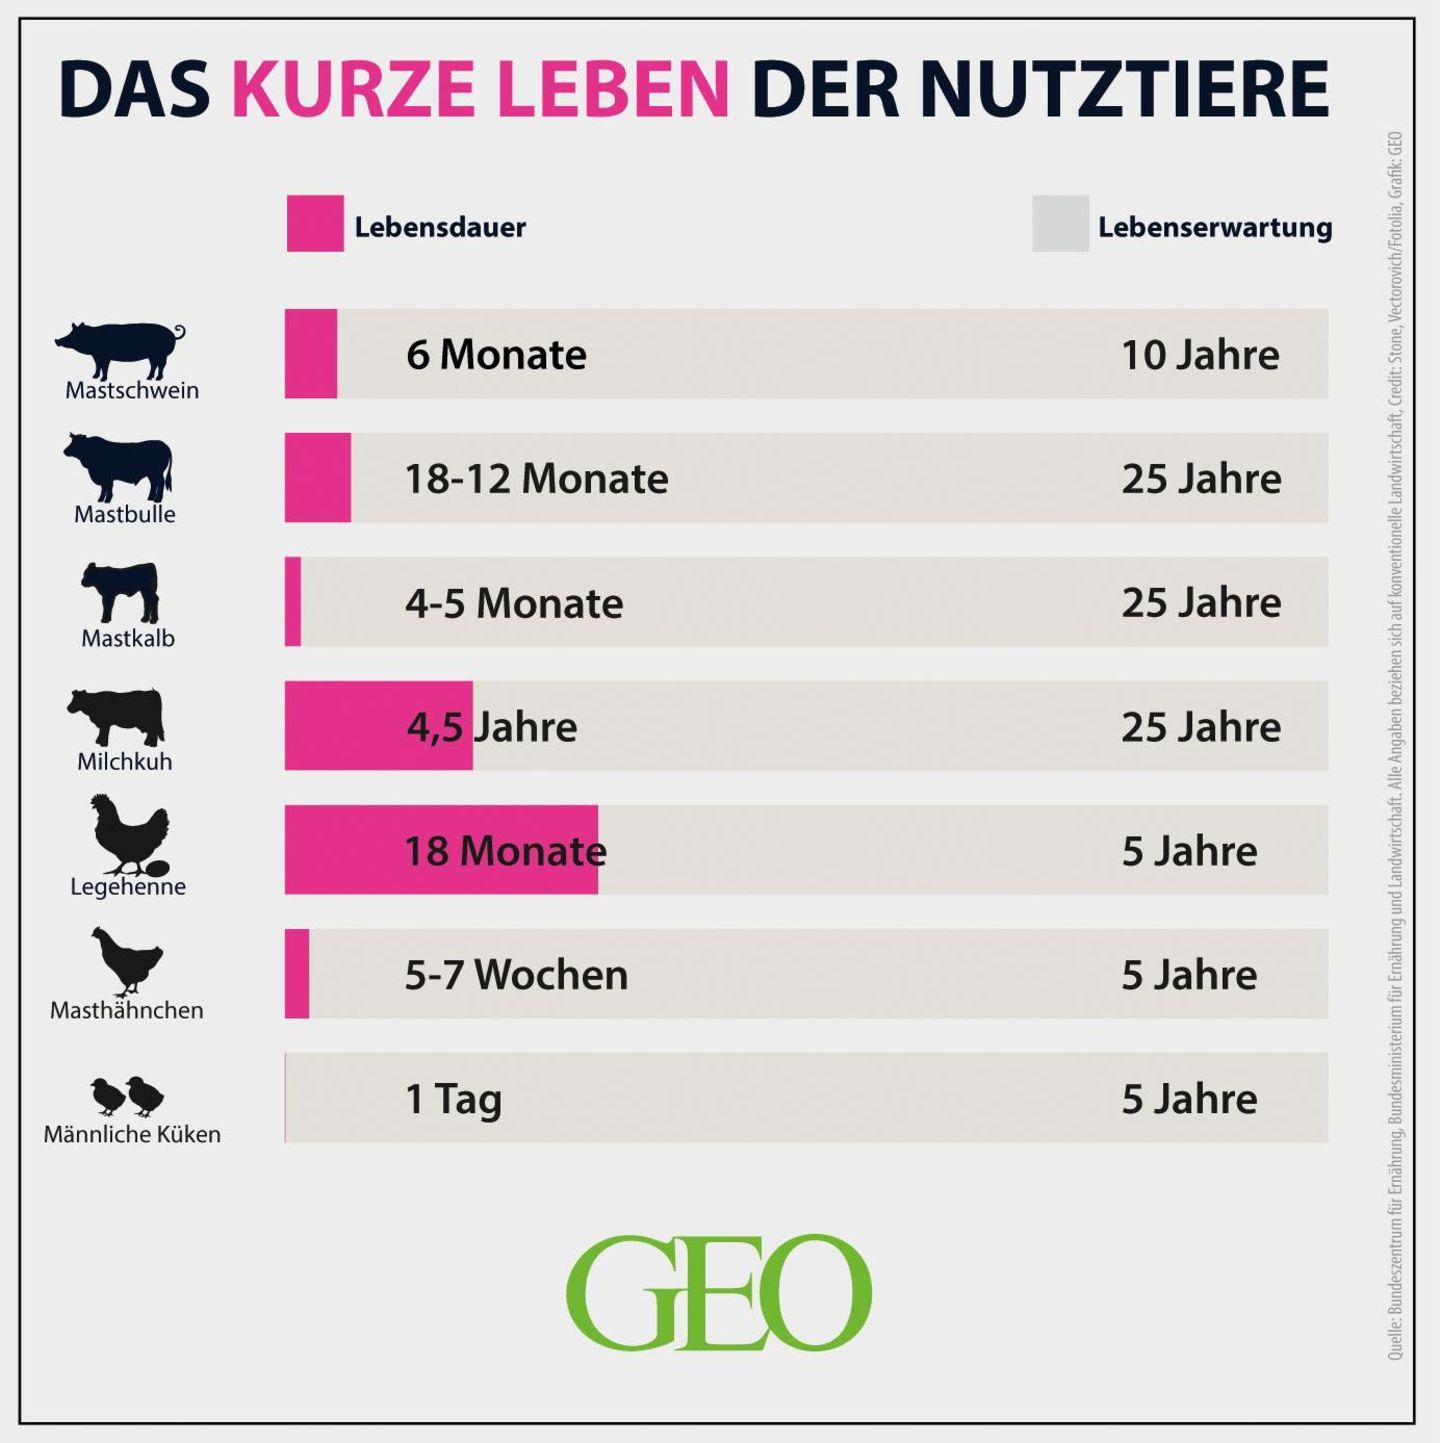 Grafik: Lebensdauer von Nutztieren